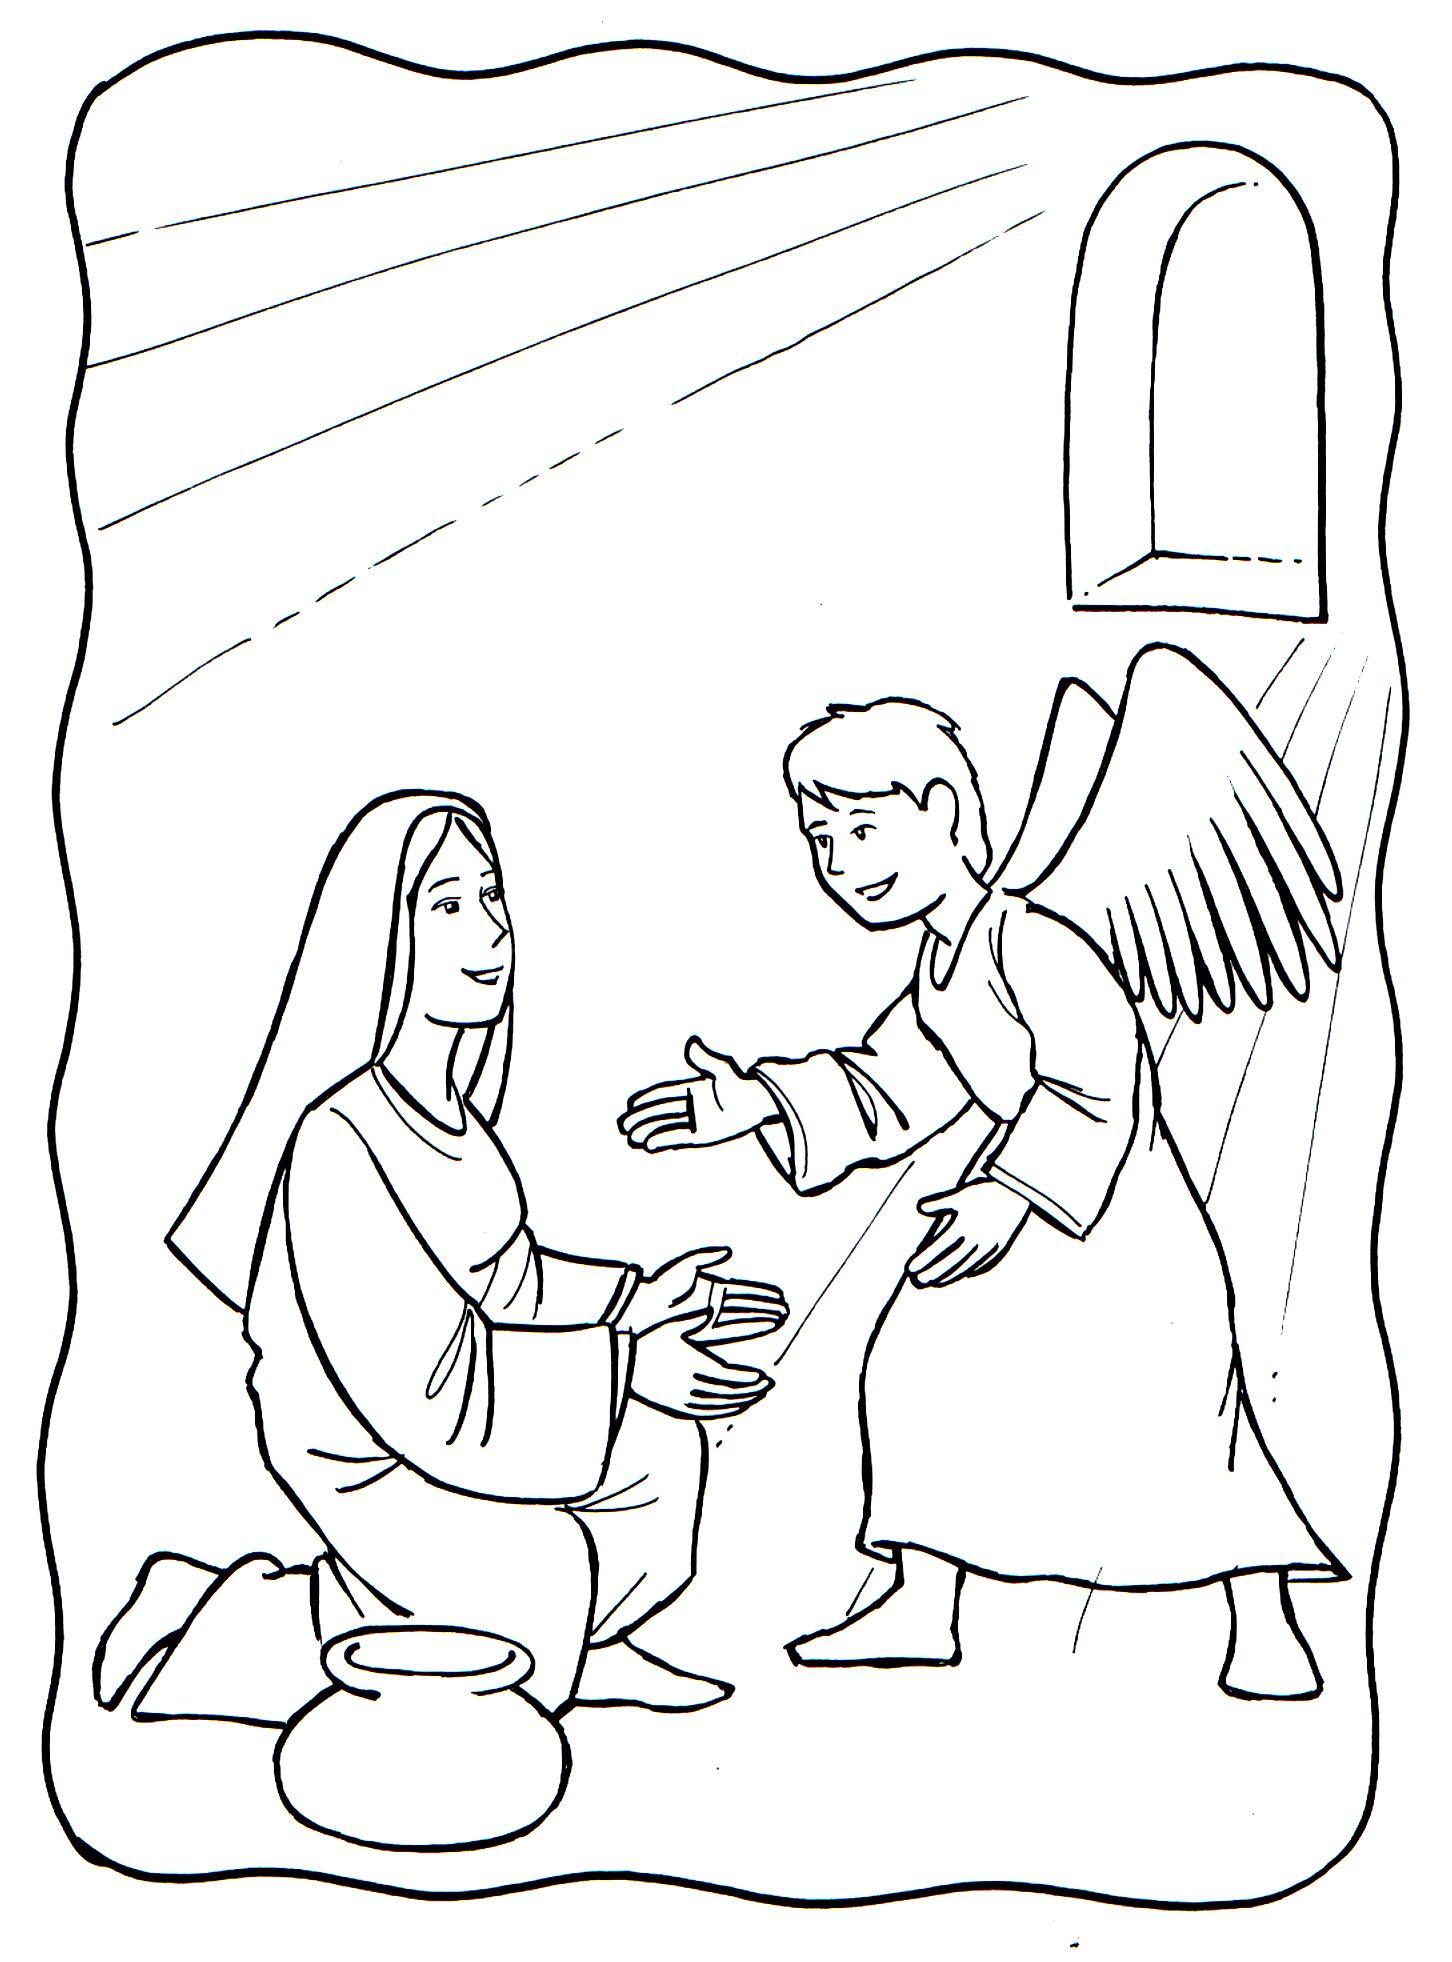 Resultado de imagen para san gabriel arcangel dibujo | Escuela ...